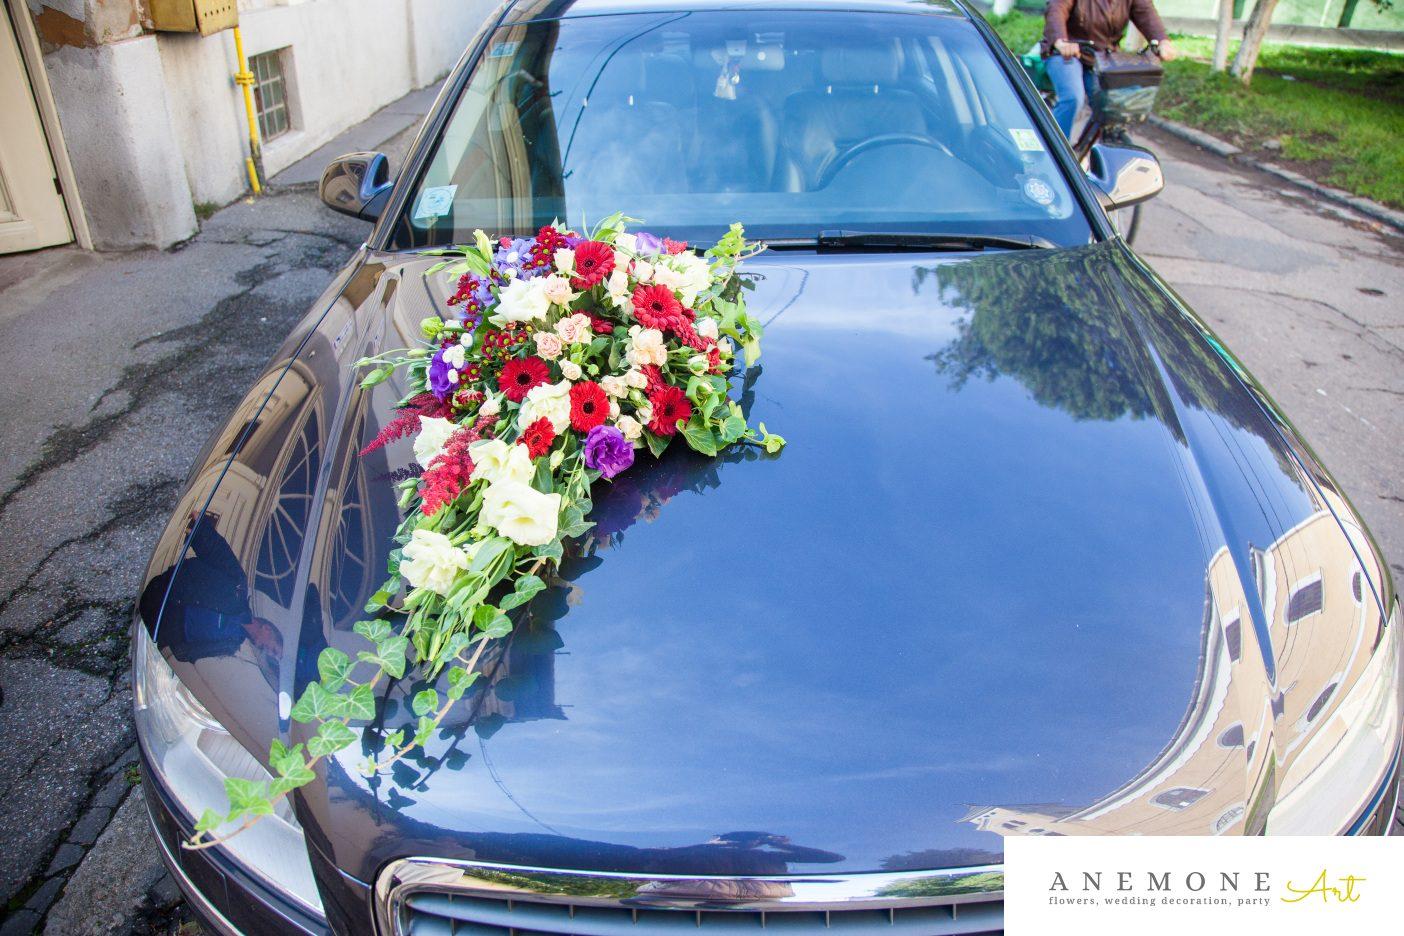 Poza, foto cu Flori de nunta asimetric, decor masina, multicolor, rosu, visiniu in Arad, Timisoara, Oradea (wedding flowers, bouquets) nunta Arad, Timisoara, Oradea